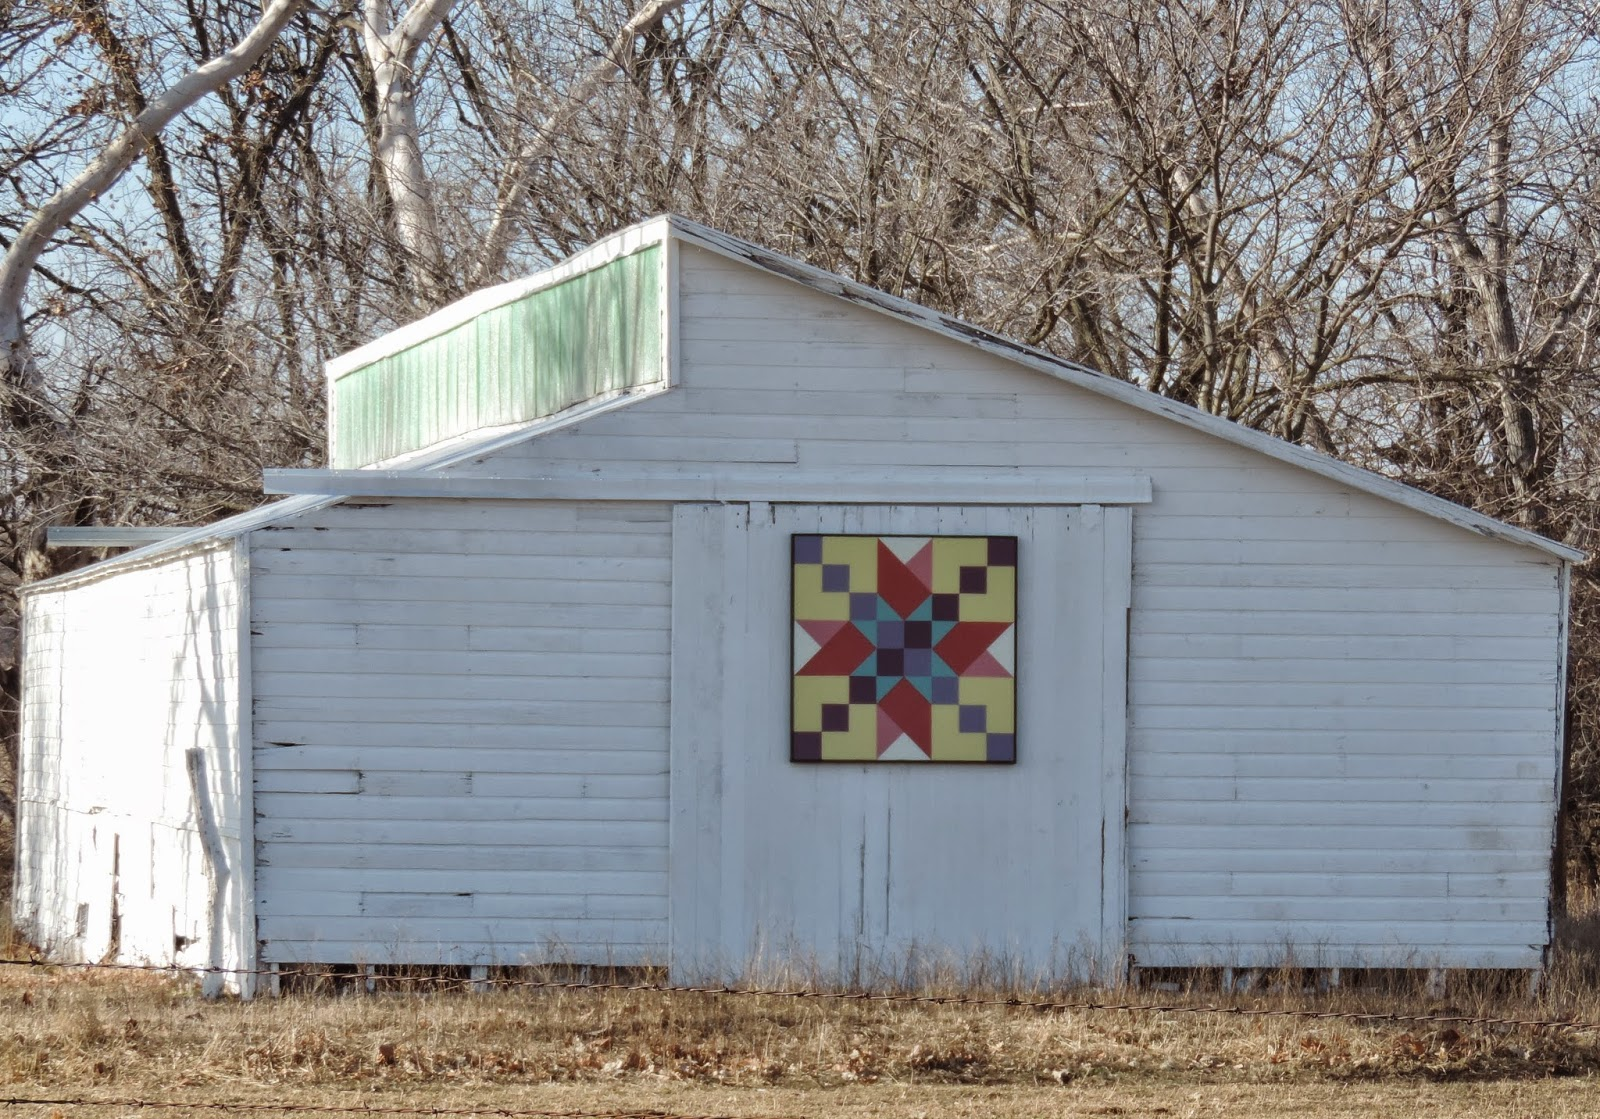 Kansas pottawatomie county fostoria - Chase County